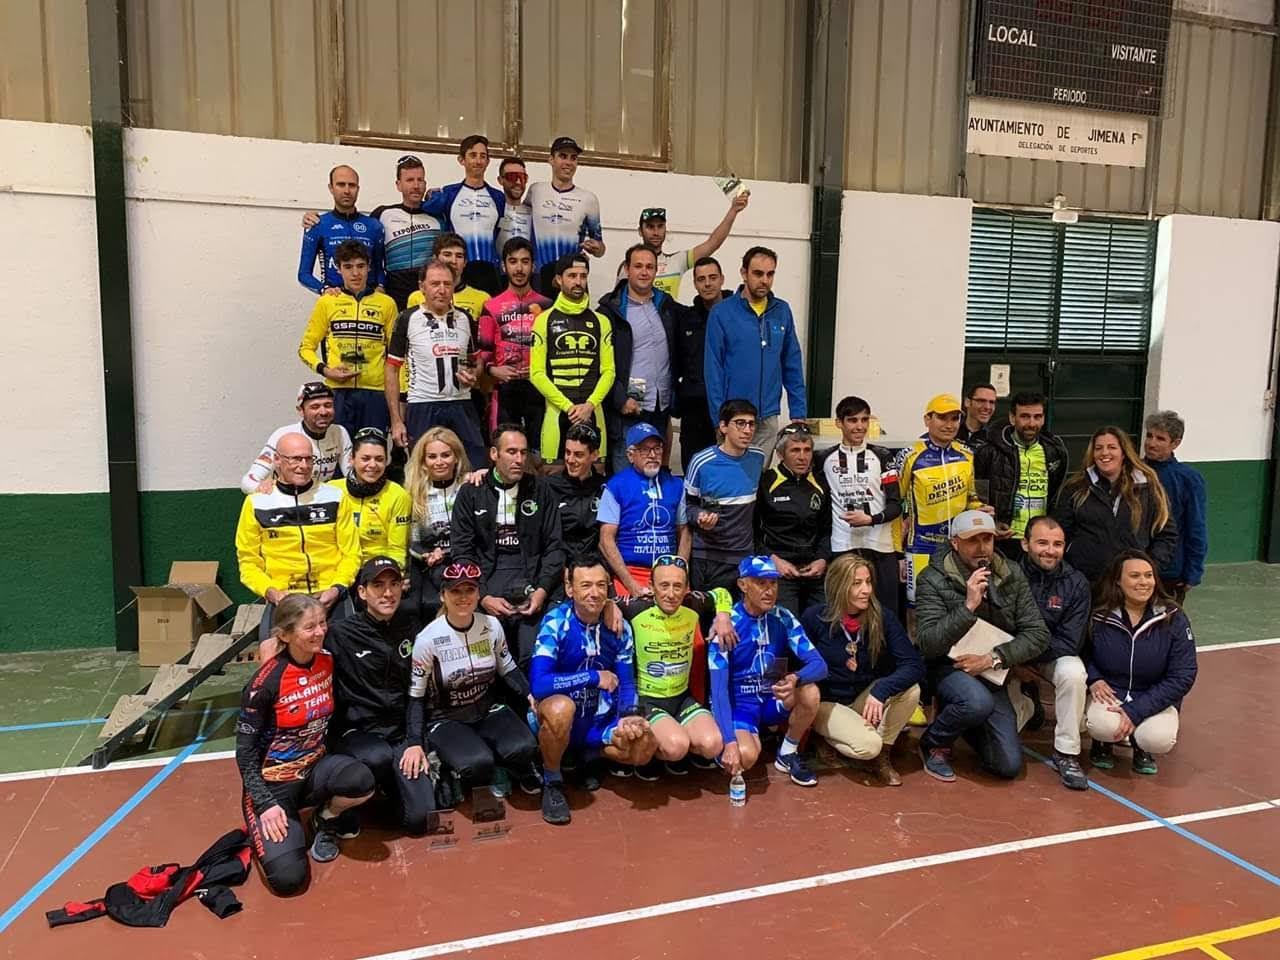 Ciclismo, Juan Antonio Velazquez y Dianne Newsome ganan en Jimena